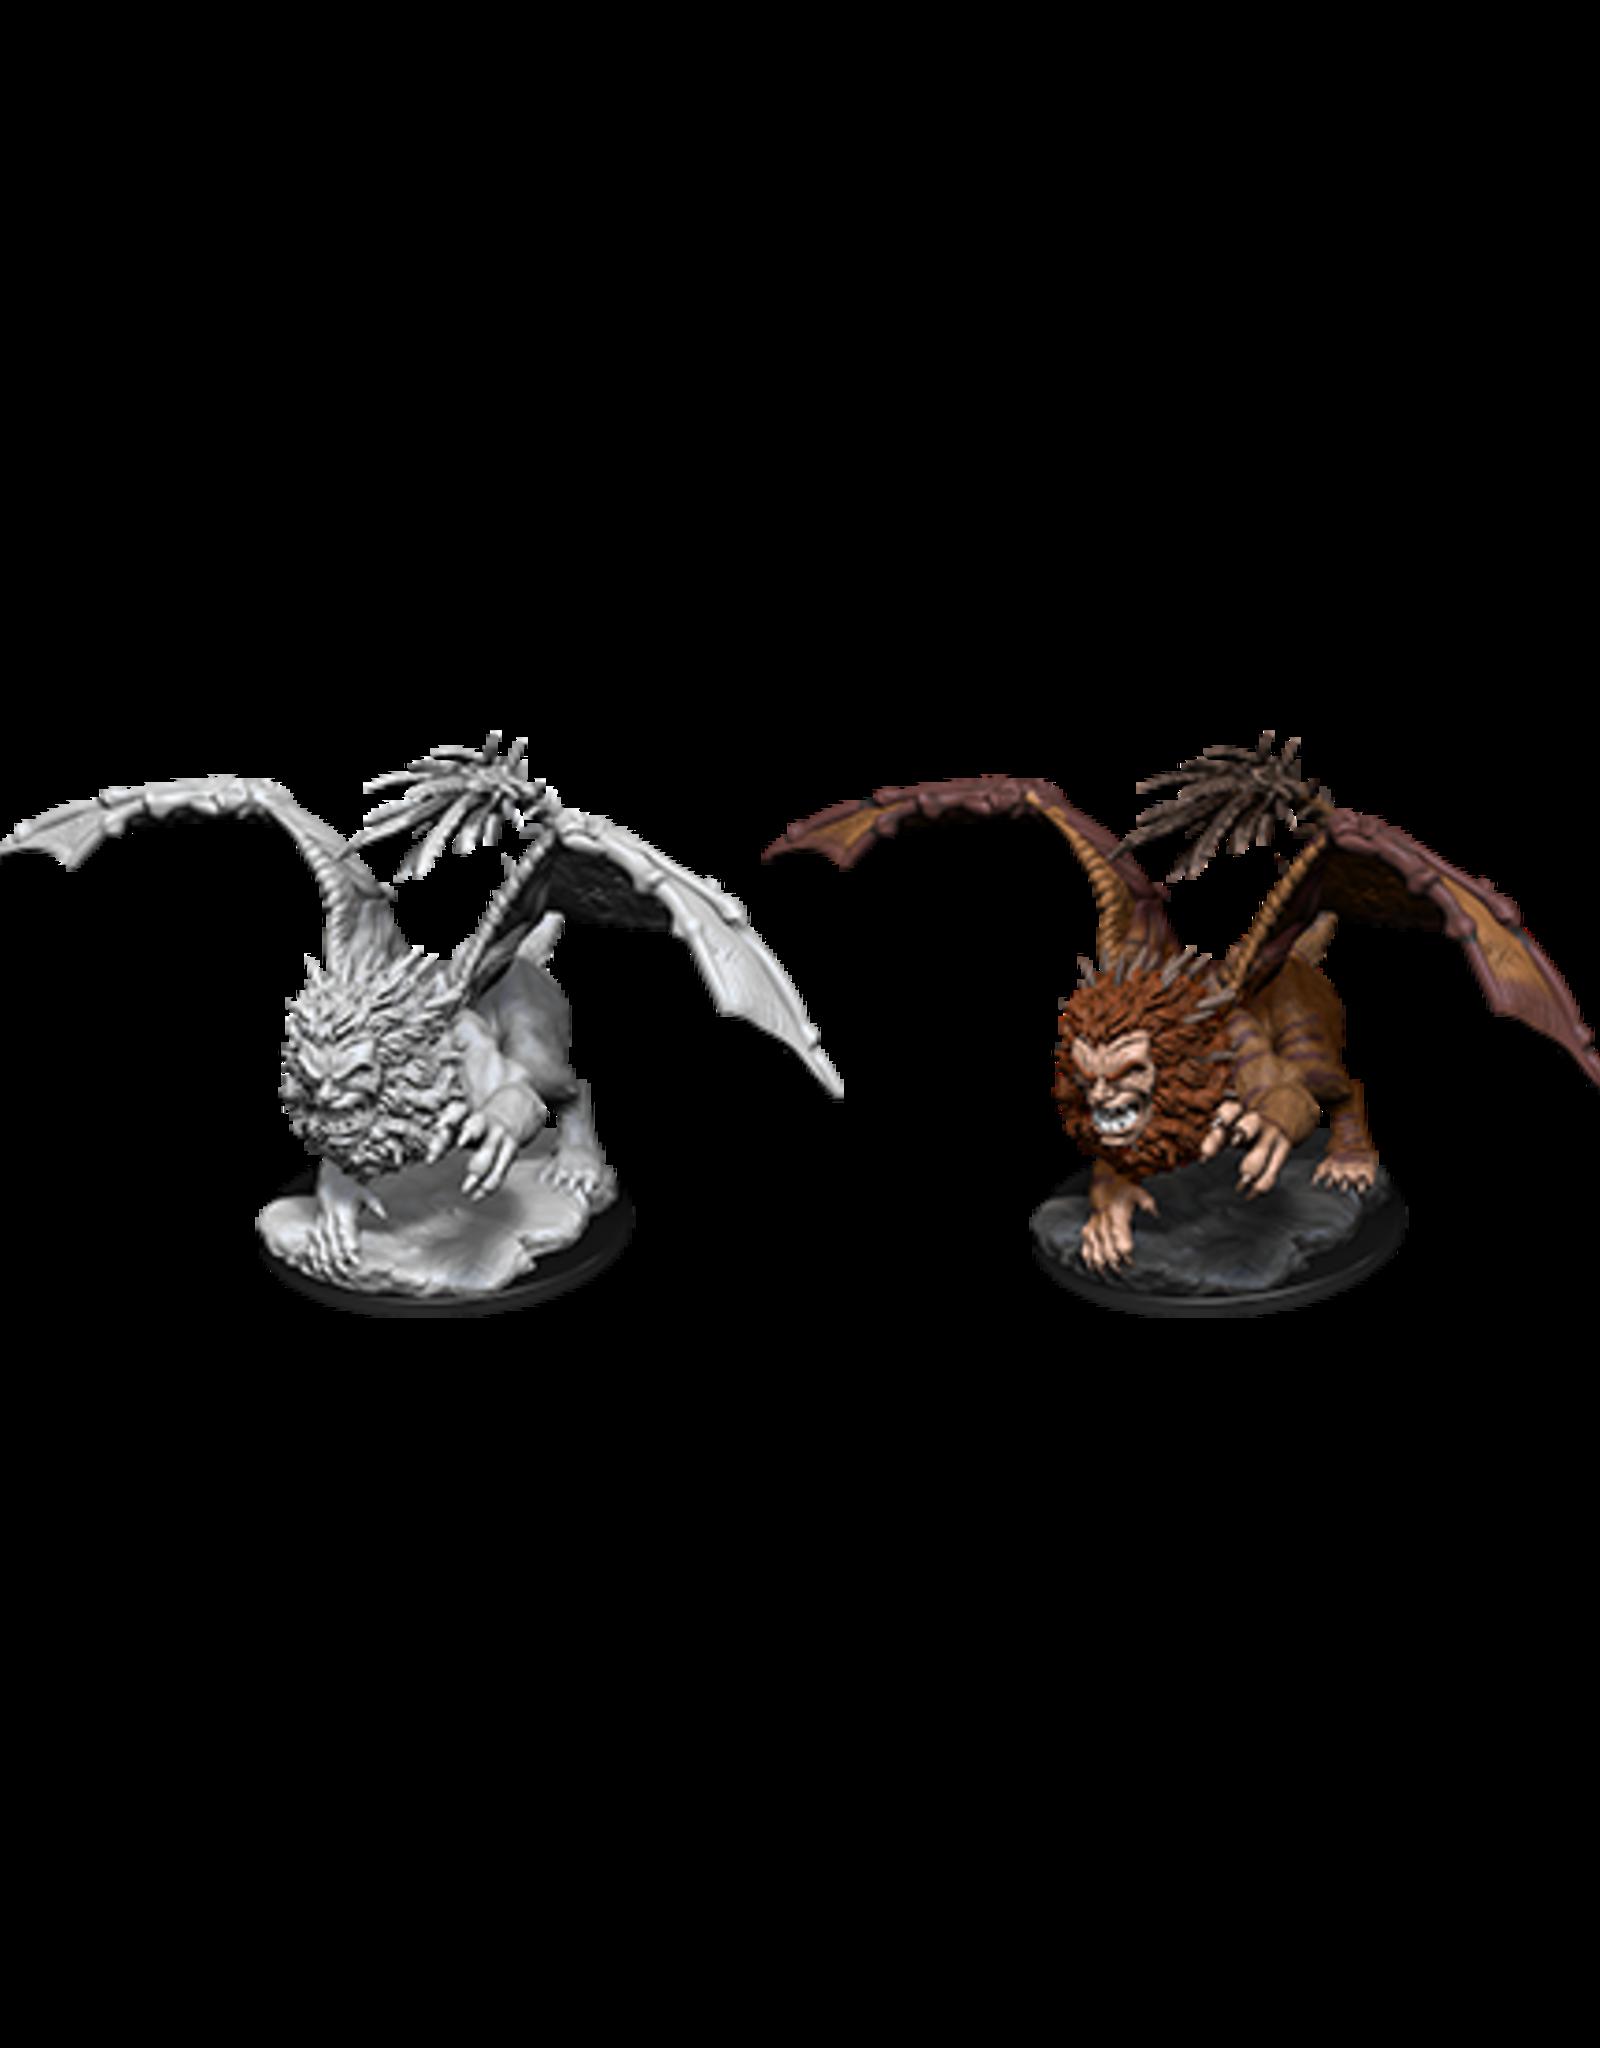 Wizkids D&D Nolzur's Marvelous Miniatures Ogre Zombie